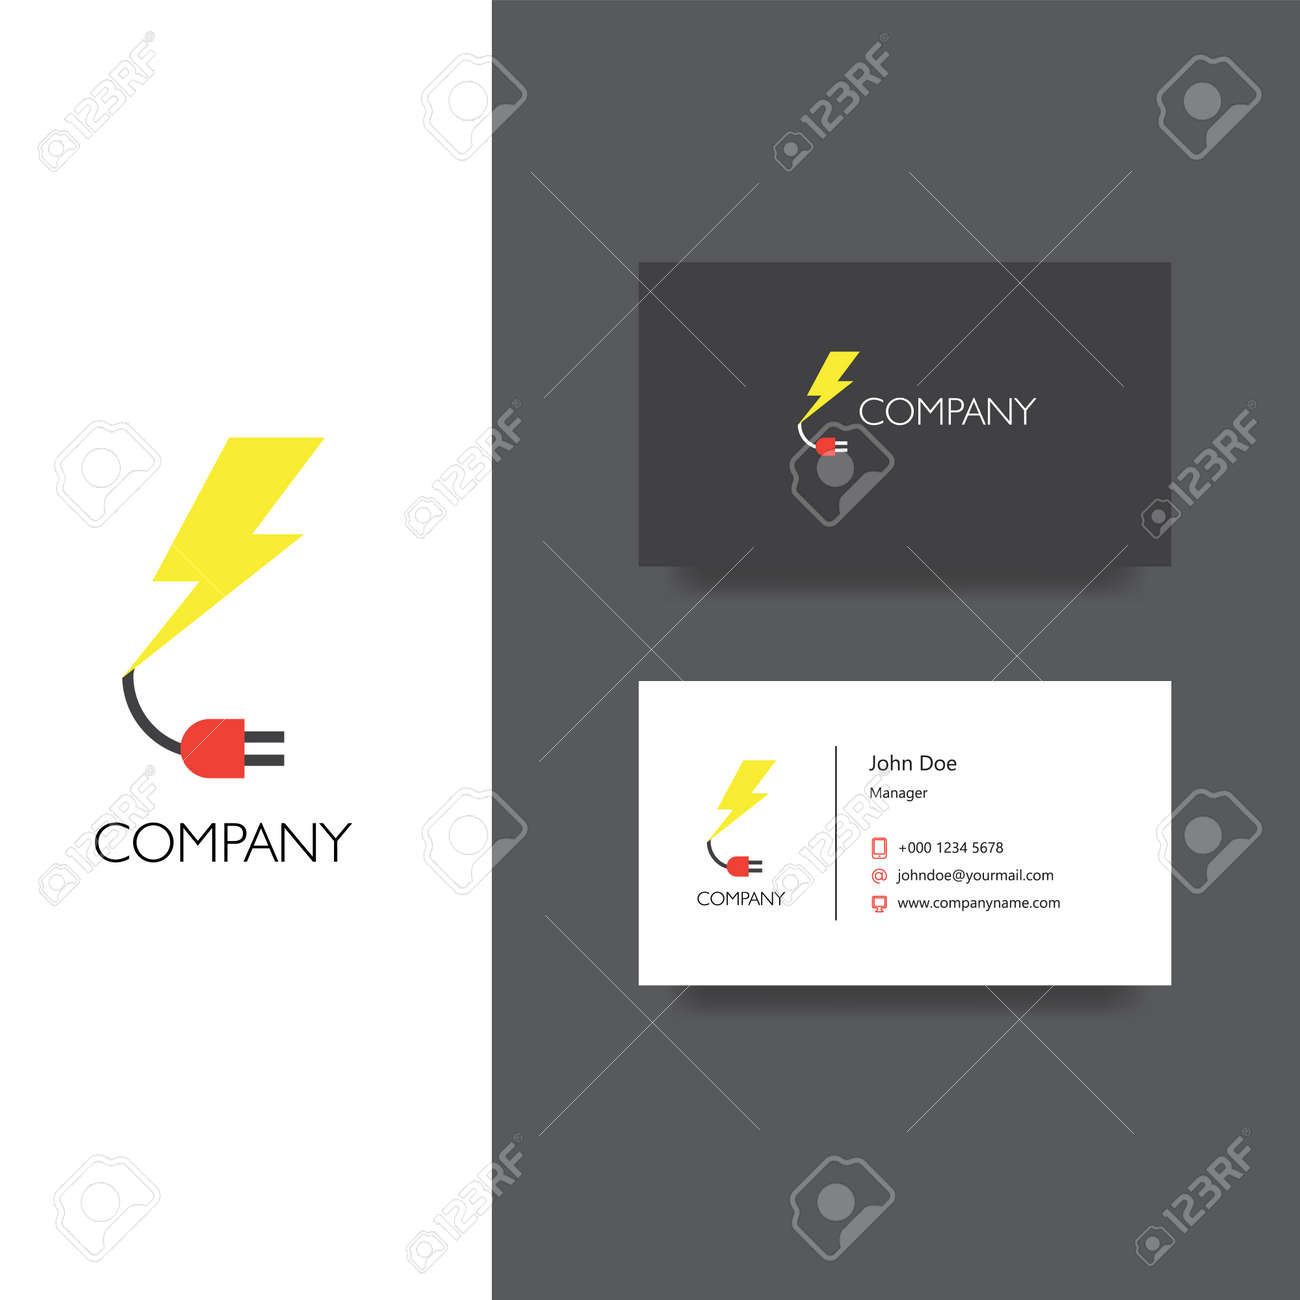 Le Logo Et Modele De Carte Visite Lelectronique Ou Des